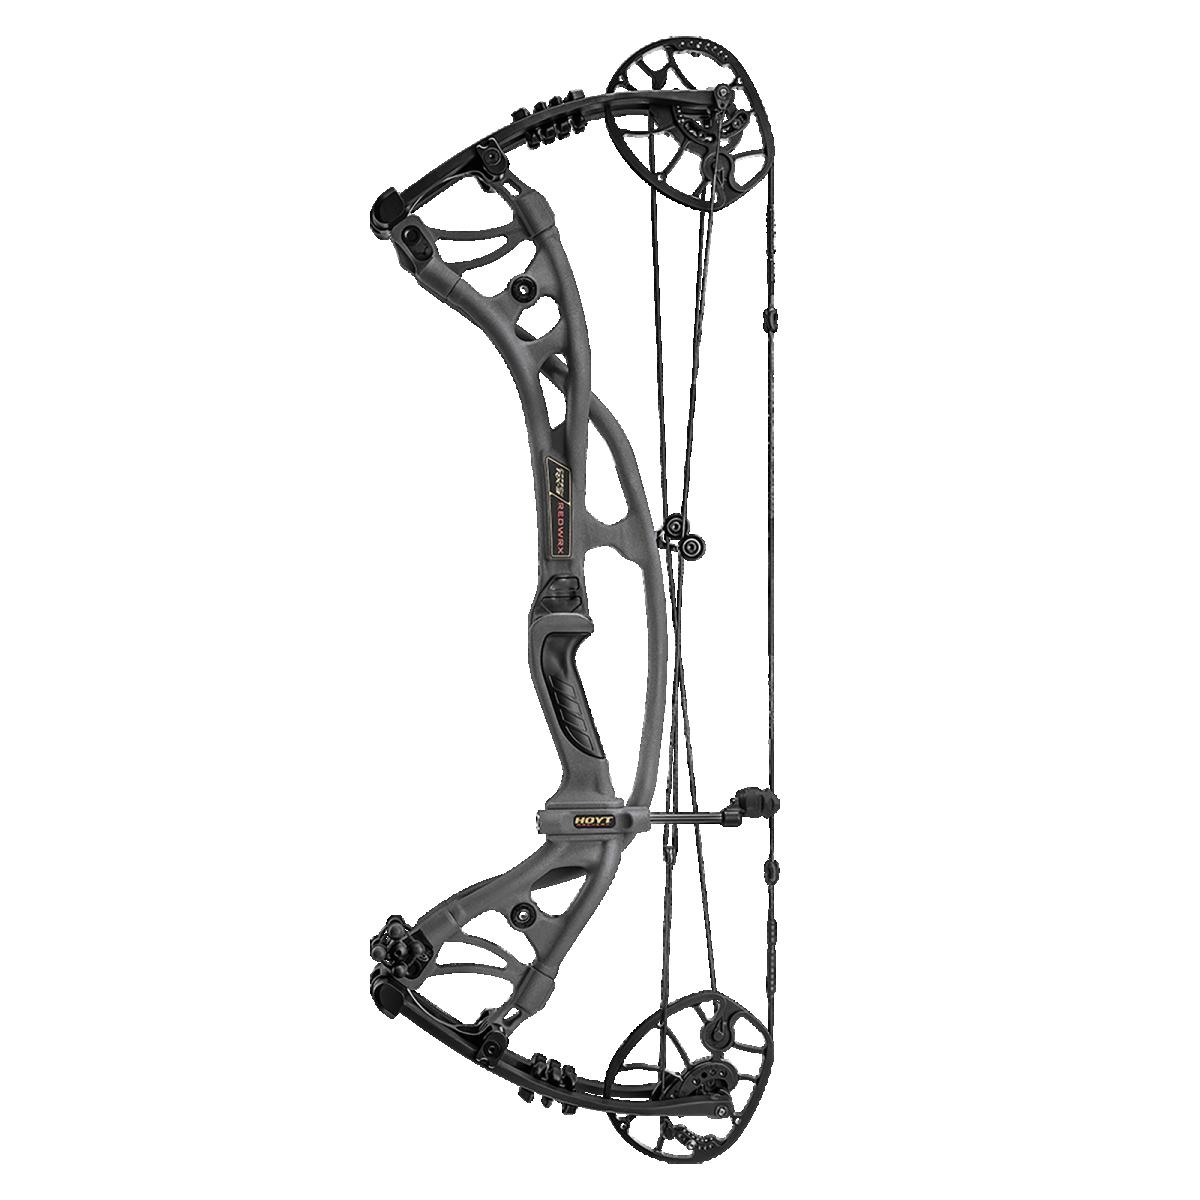 Carbon Rx 3 Hoyt Archery